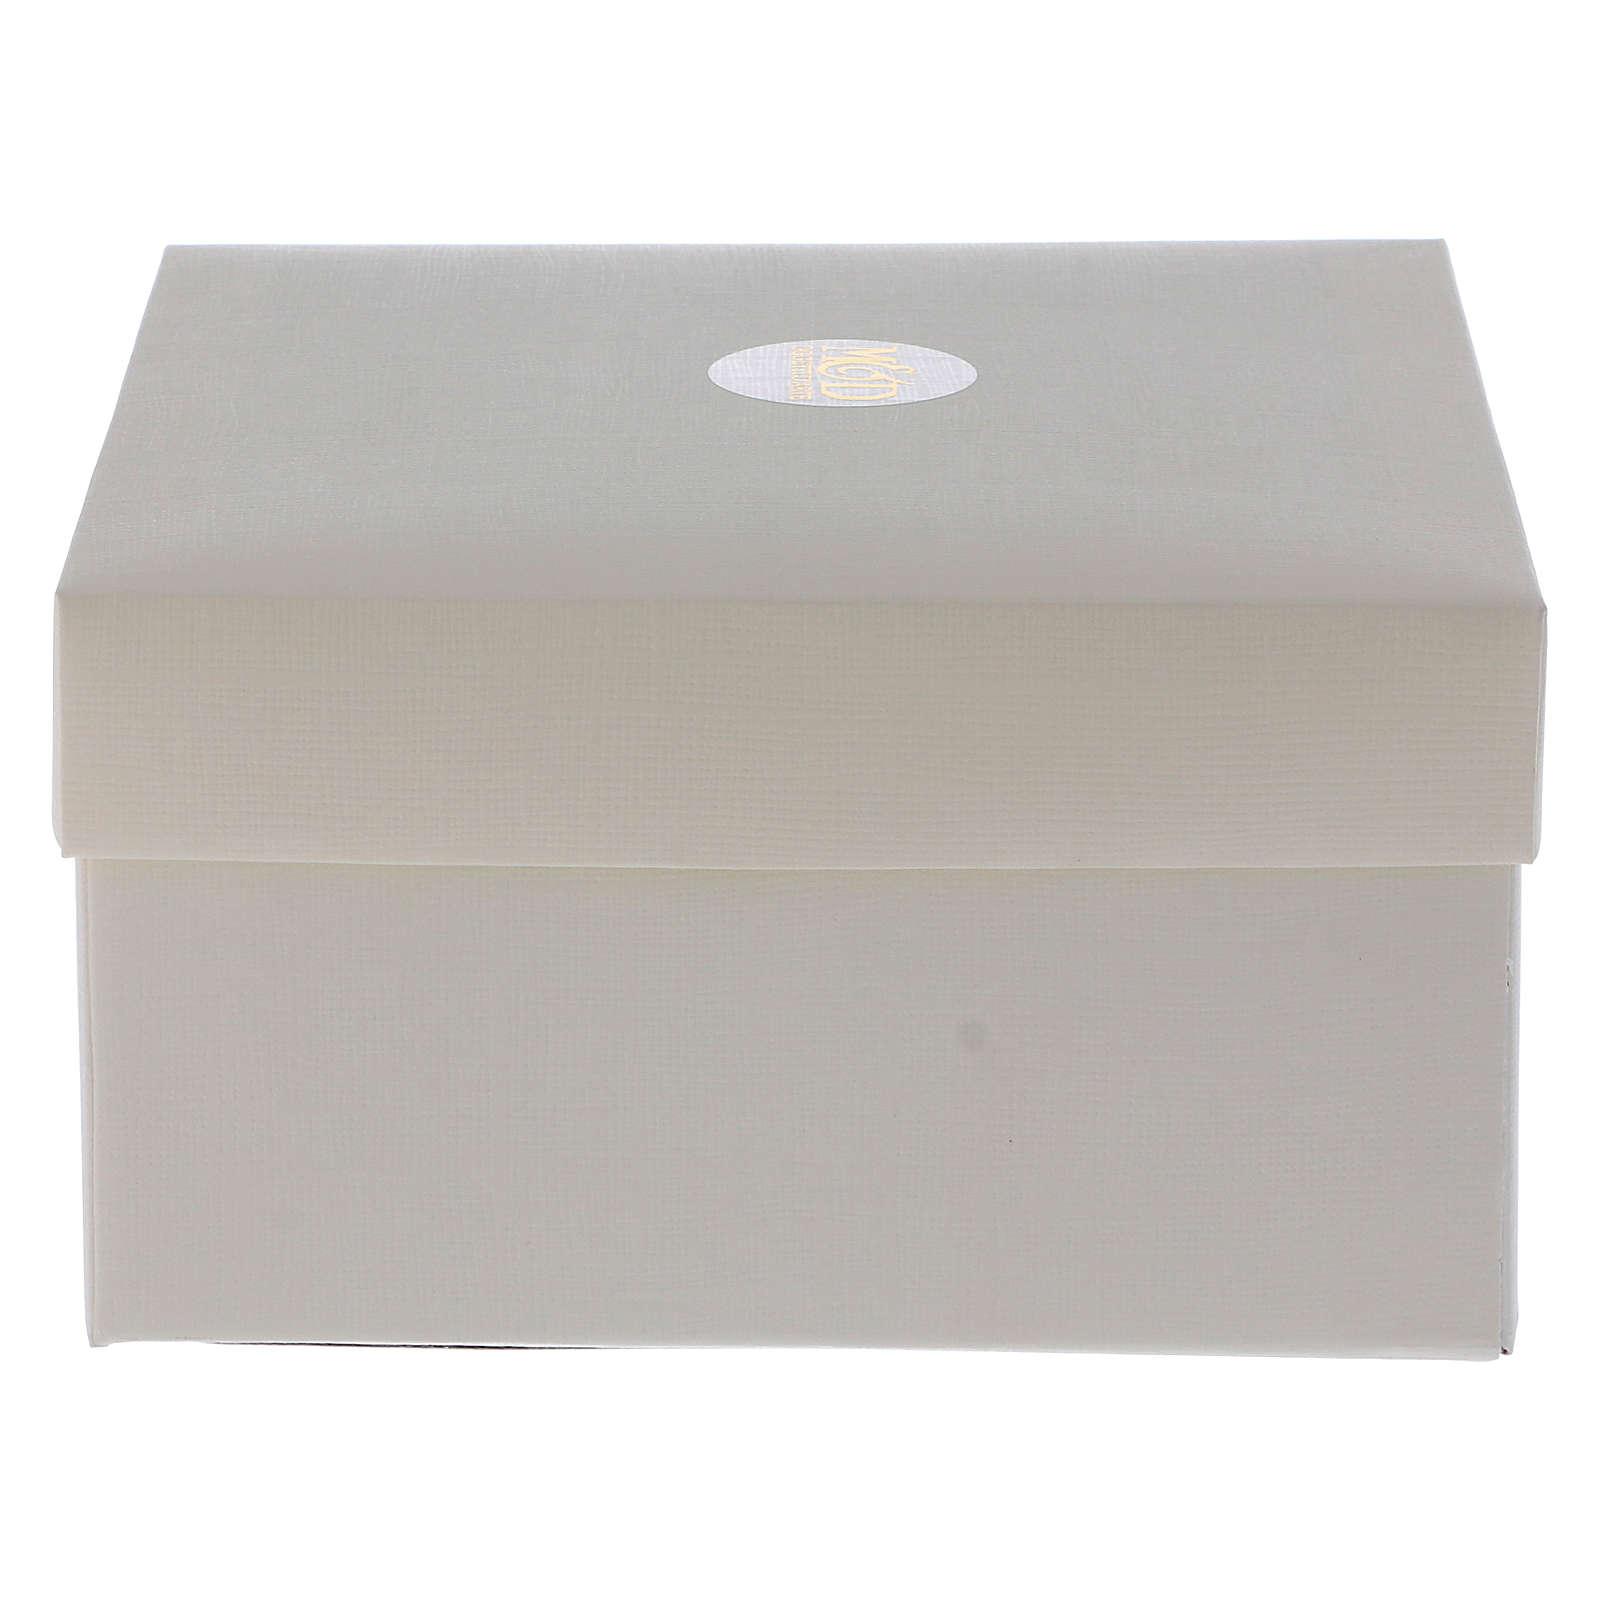 Pamiątka sakralna na Bierzmowanie pudełeczko 5x5x5 cm 3